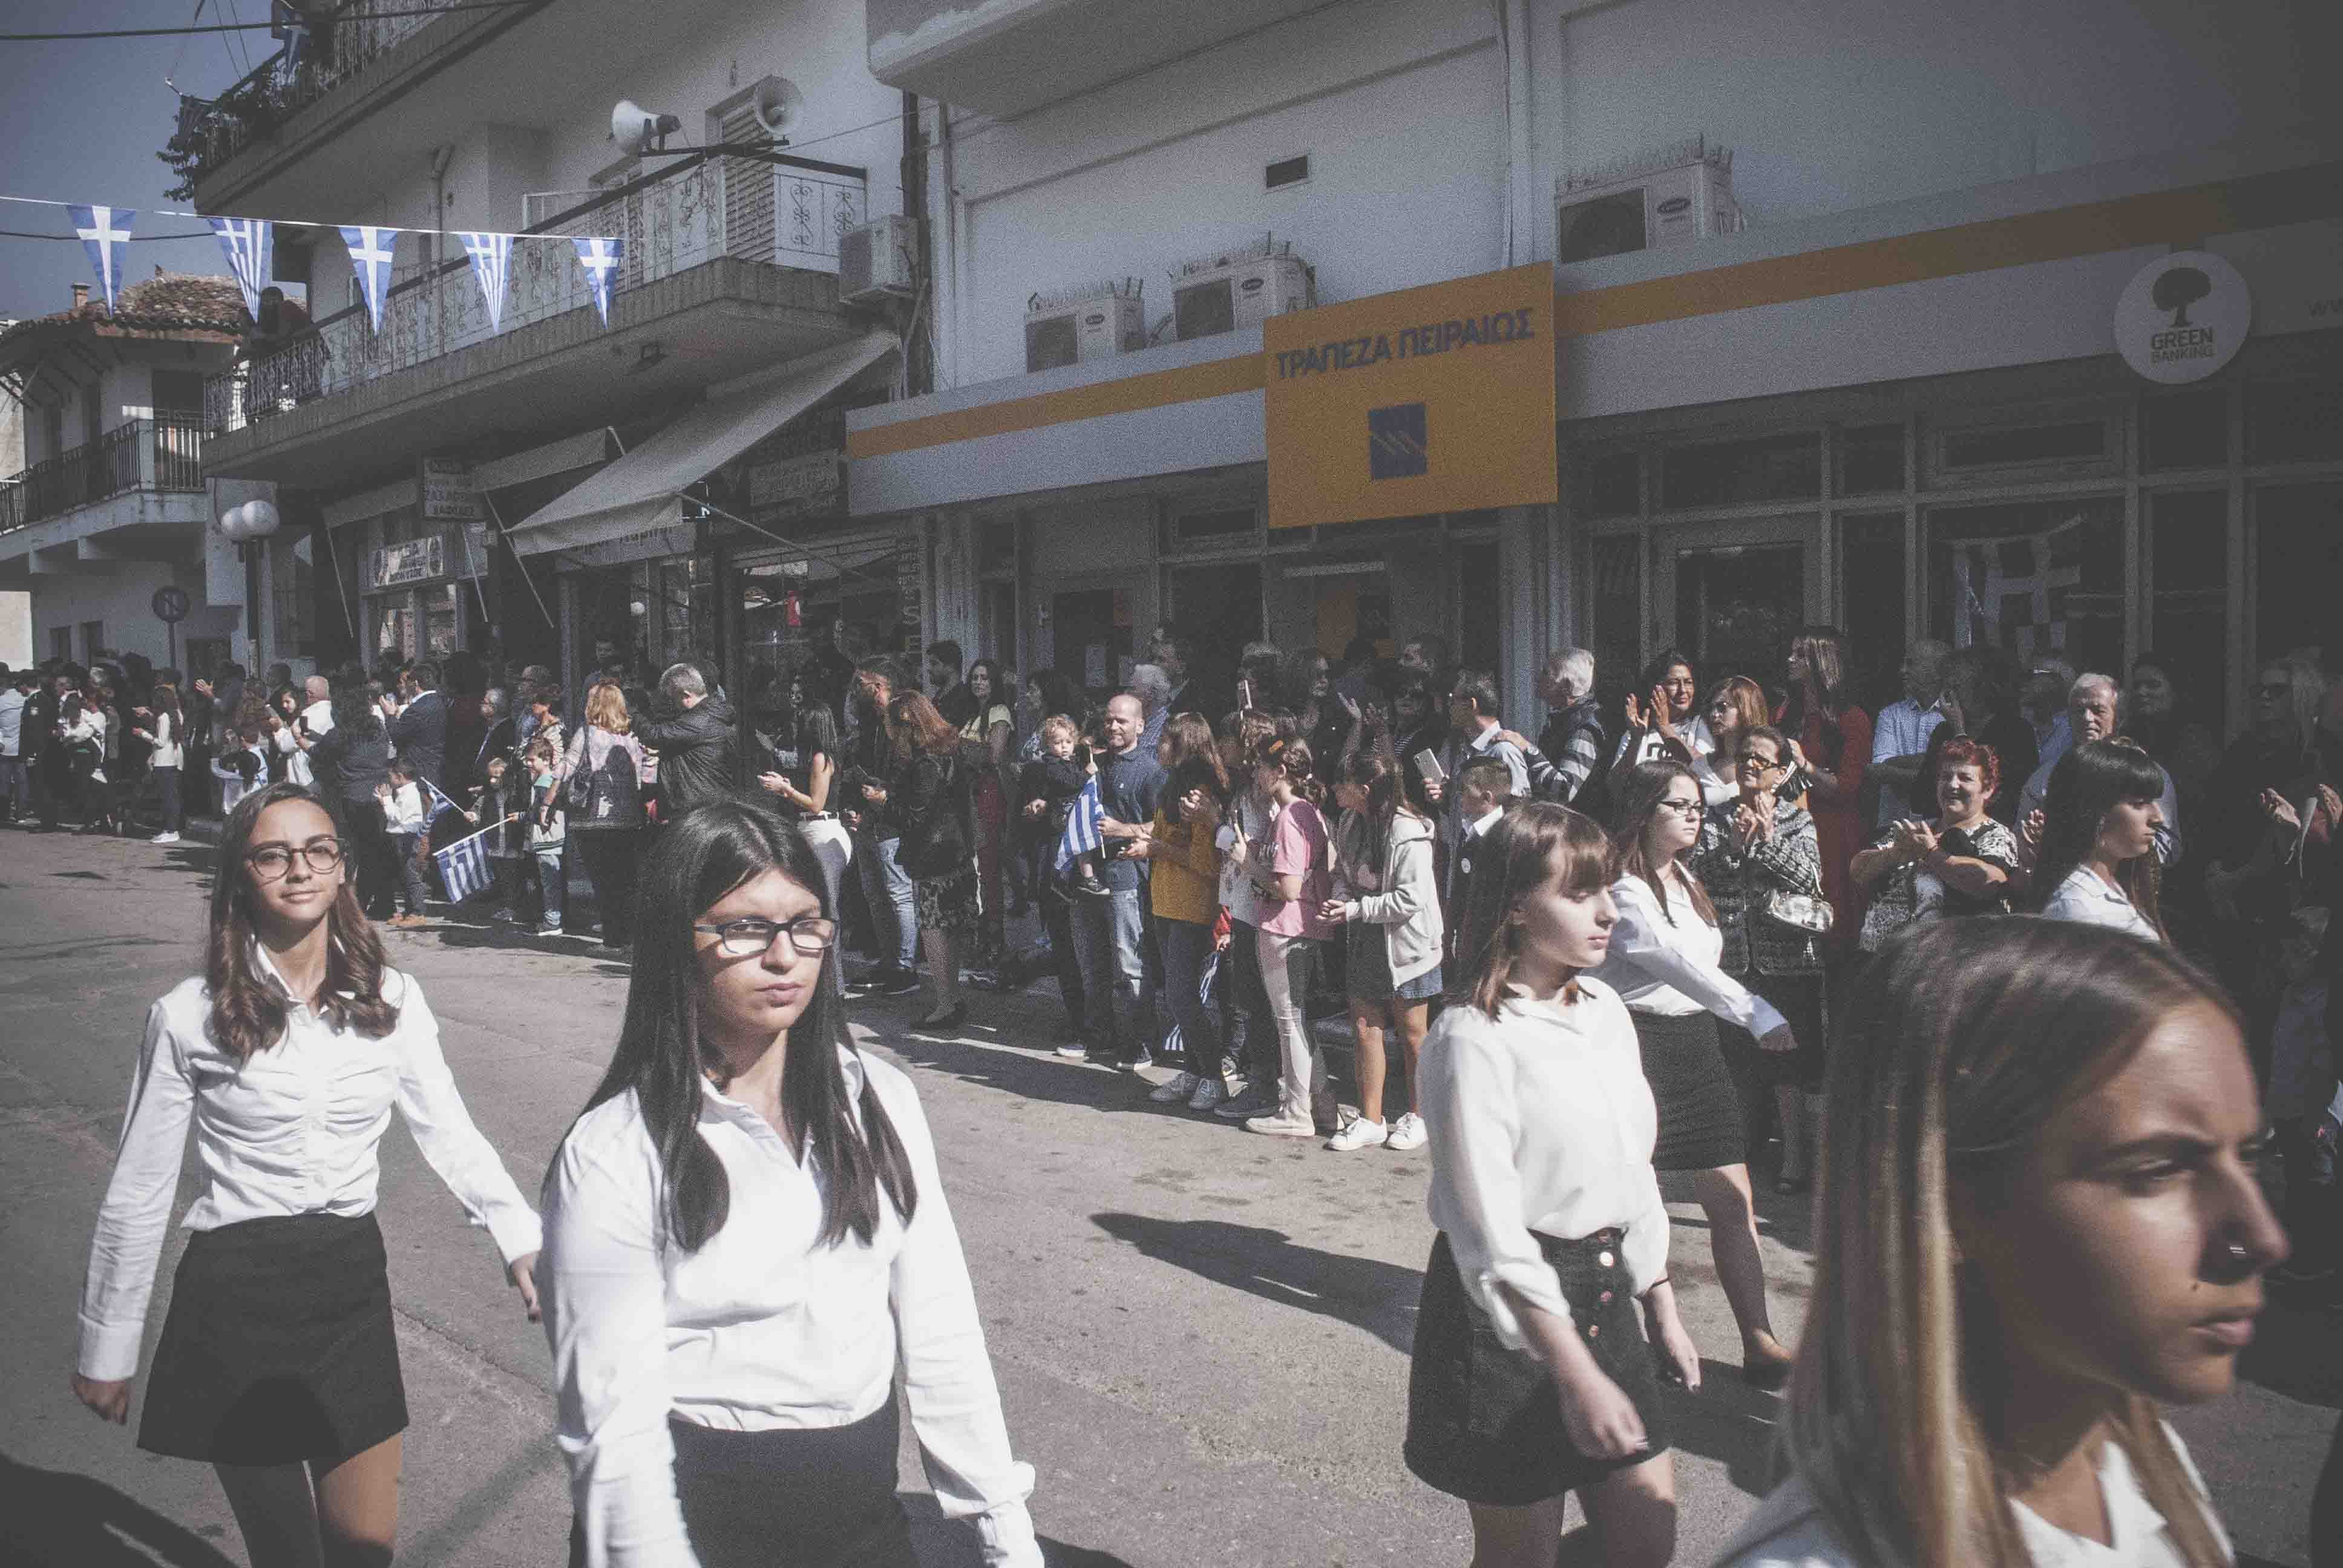 Φωτογραφικό υλικό από την παρέλαση στα Ψαχνά Φωτογραφικό υλικό από την παρέλαση στα Ψαχνά DSC 0418